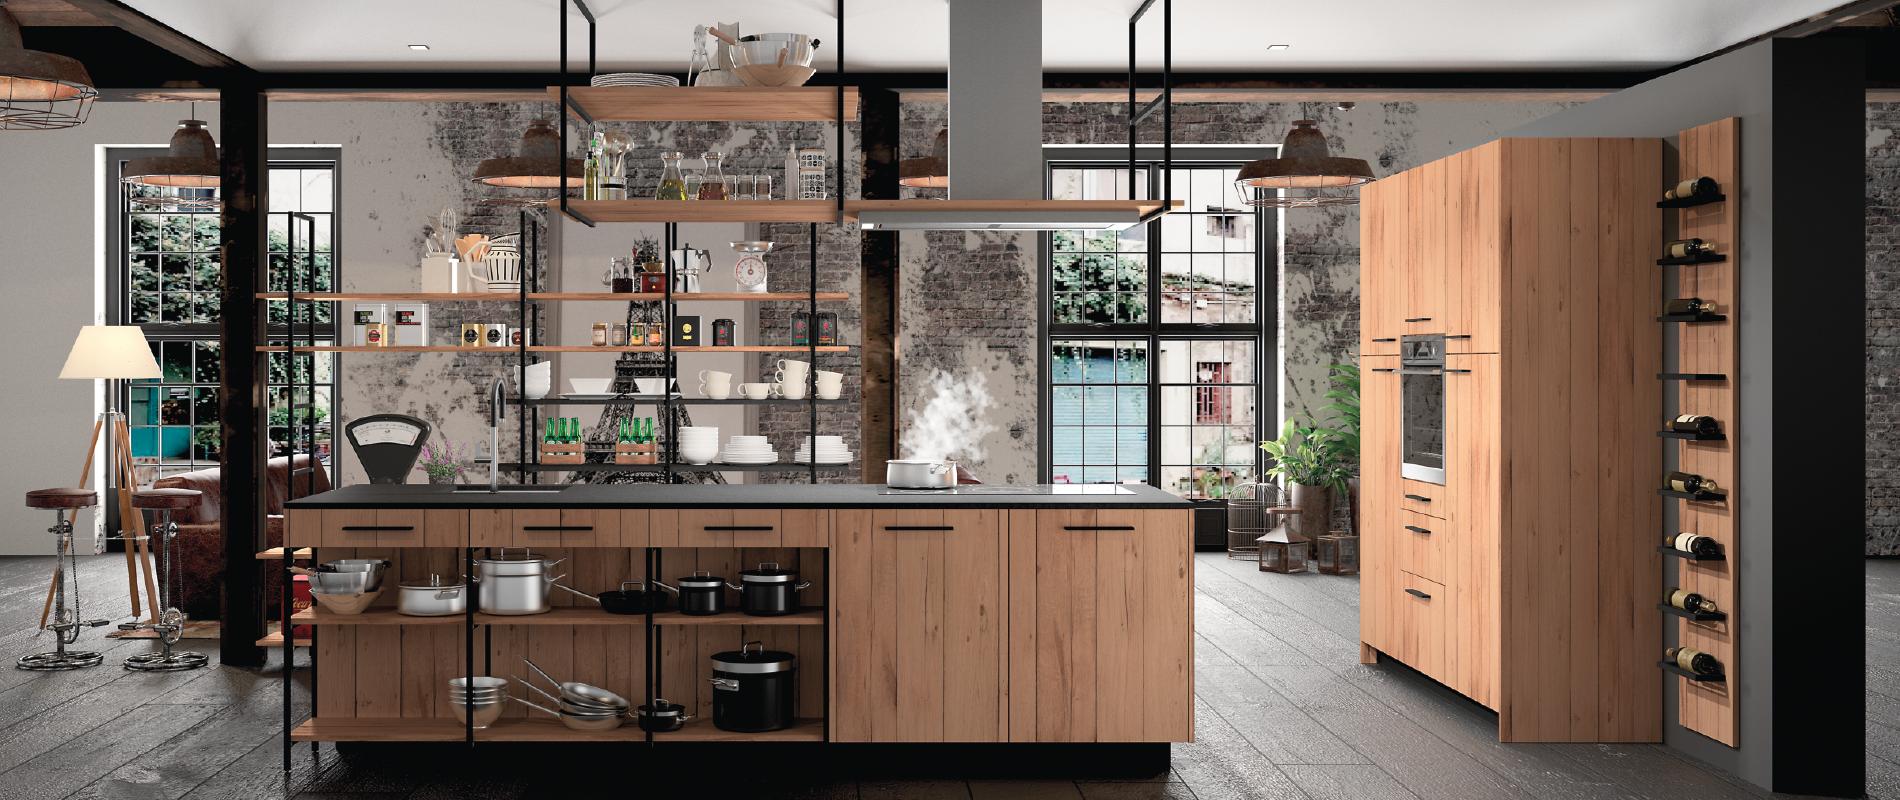 cuisine intérieur design tendance moderne  à toulouse type industriel industrielle bois et métal noir ilot central et mur de colonnes suspensions